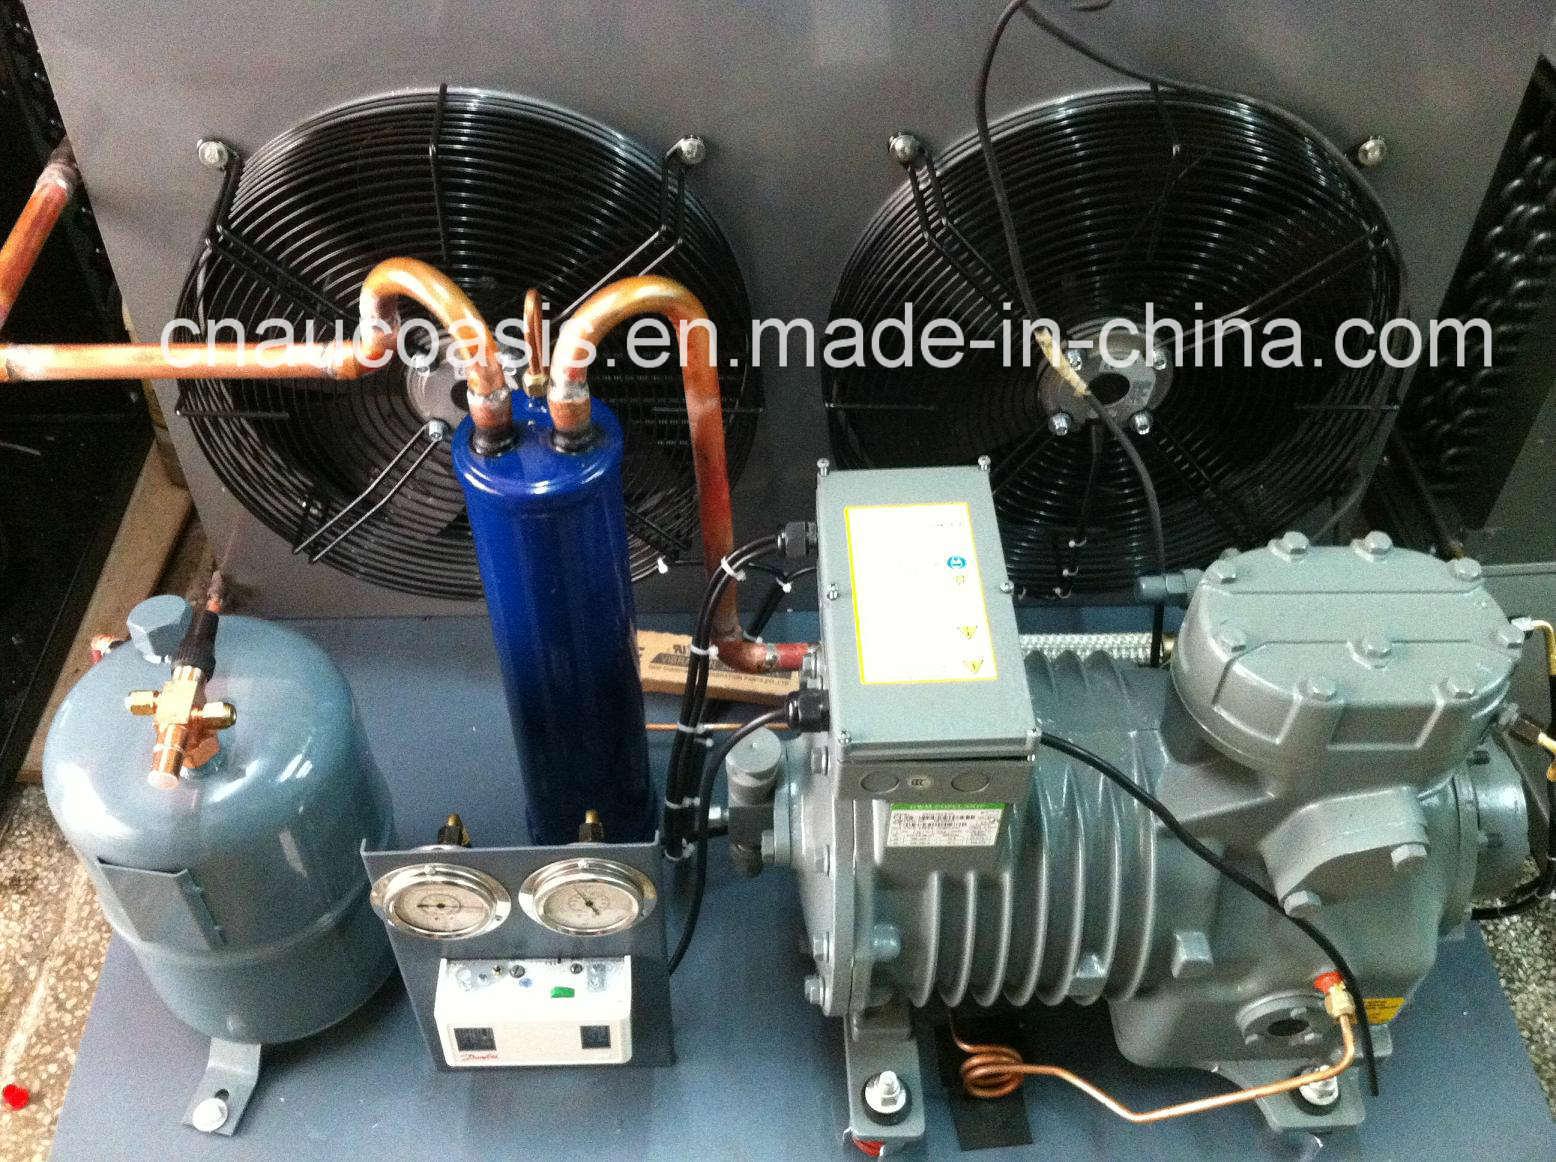 Original Brand New Emerson Dwm Semi-Hermetic Copeland Compressor for Refrigeration